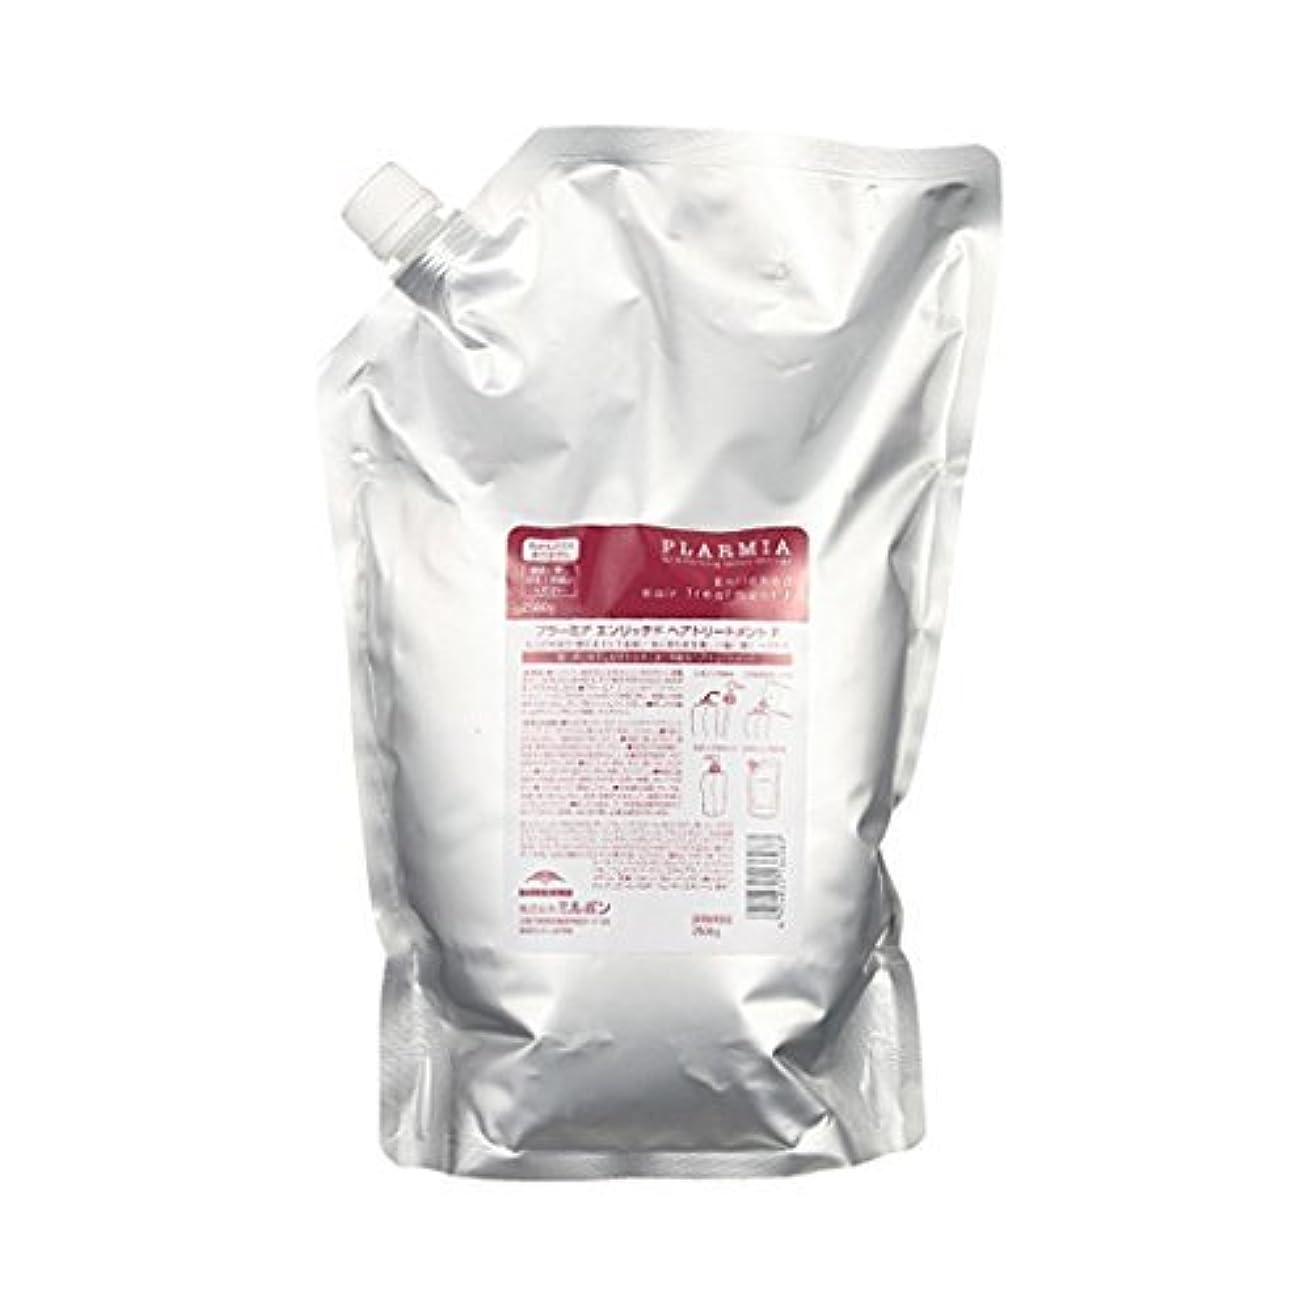 切り刻むによって酸ミルボン プラーミア エンリッチド トリートメントF (2500gパック) 詰替用